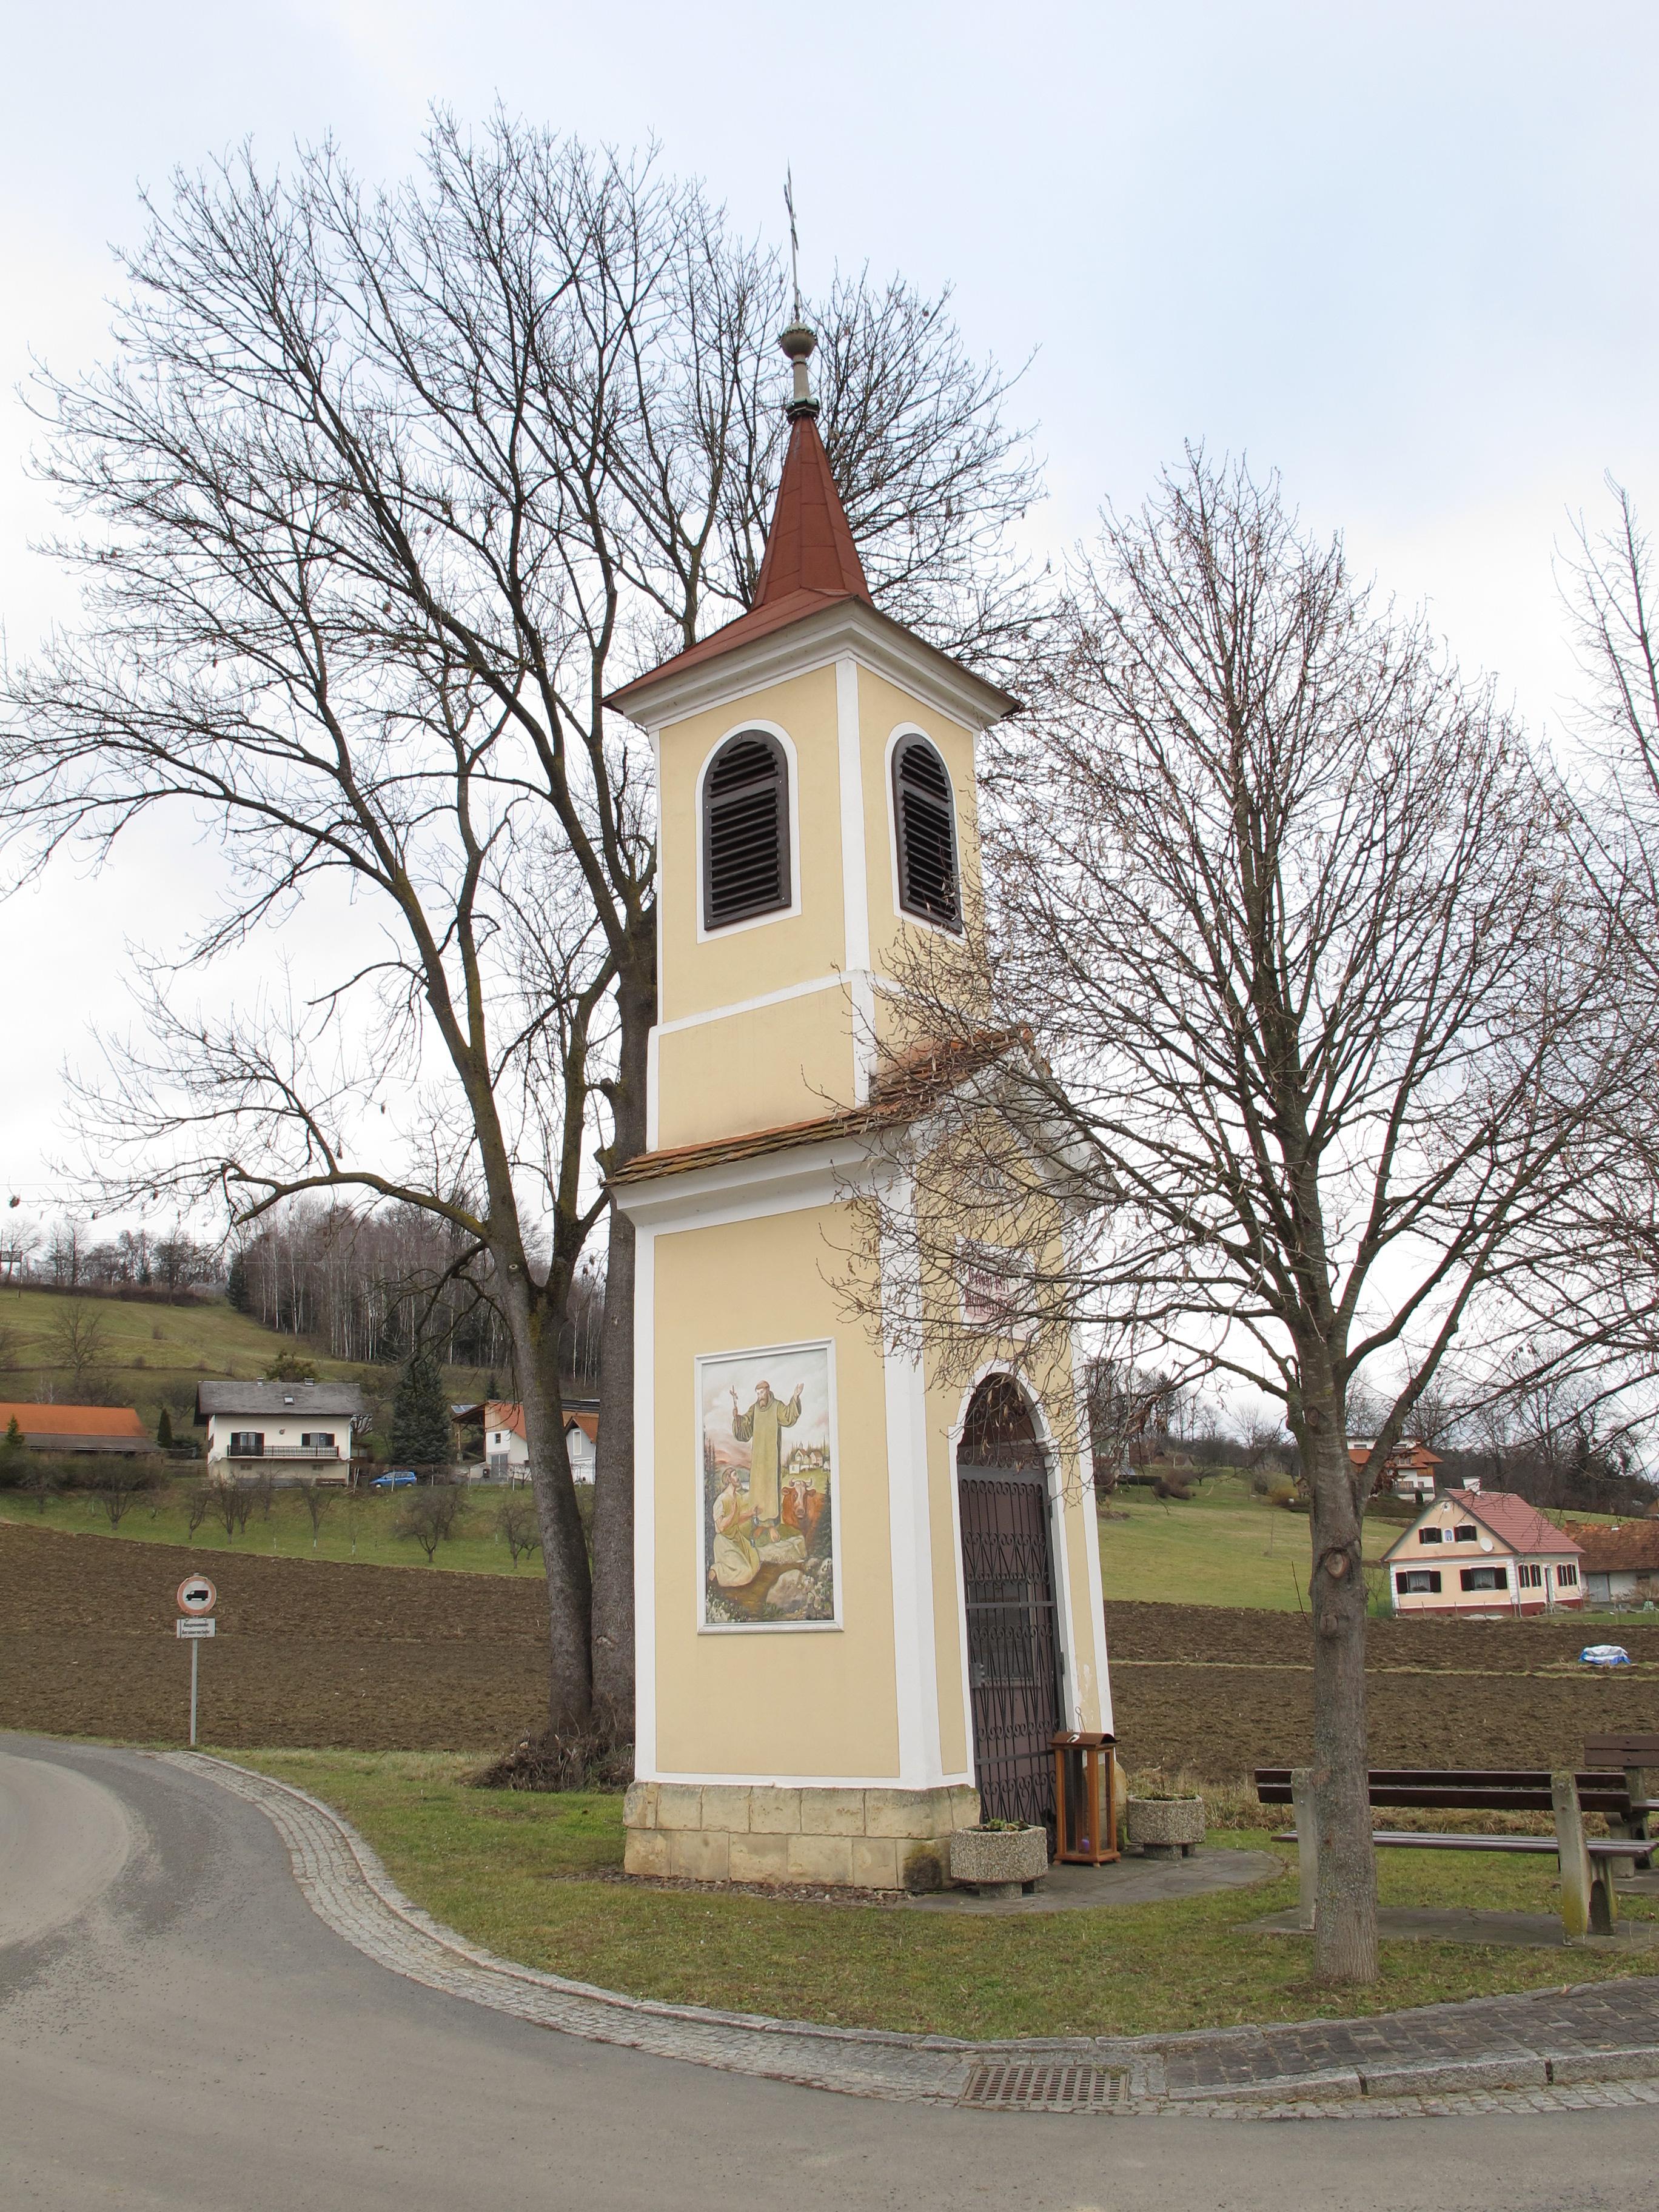 Flohmarkt beim Bulldogwirt in Straden - Bad Gleichenberg